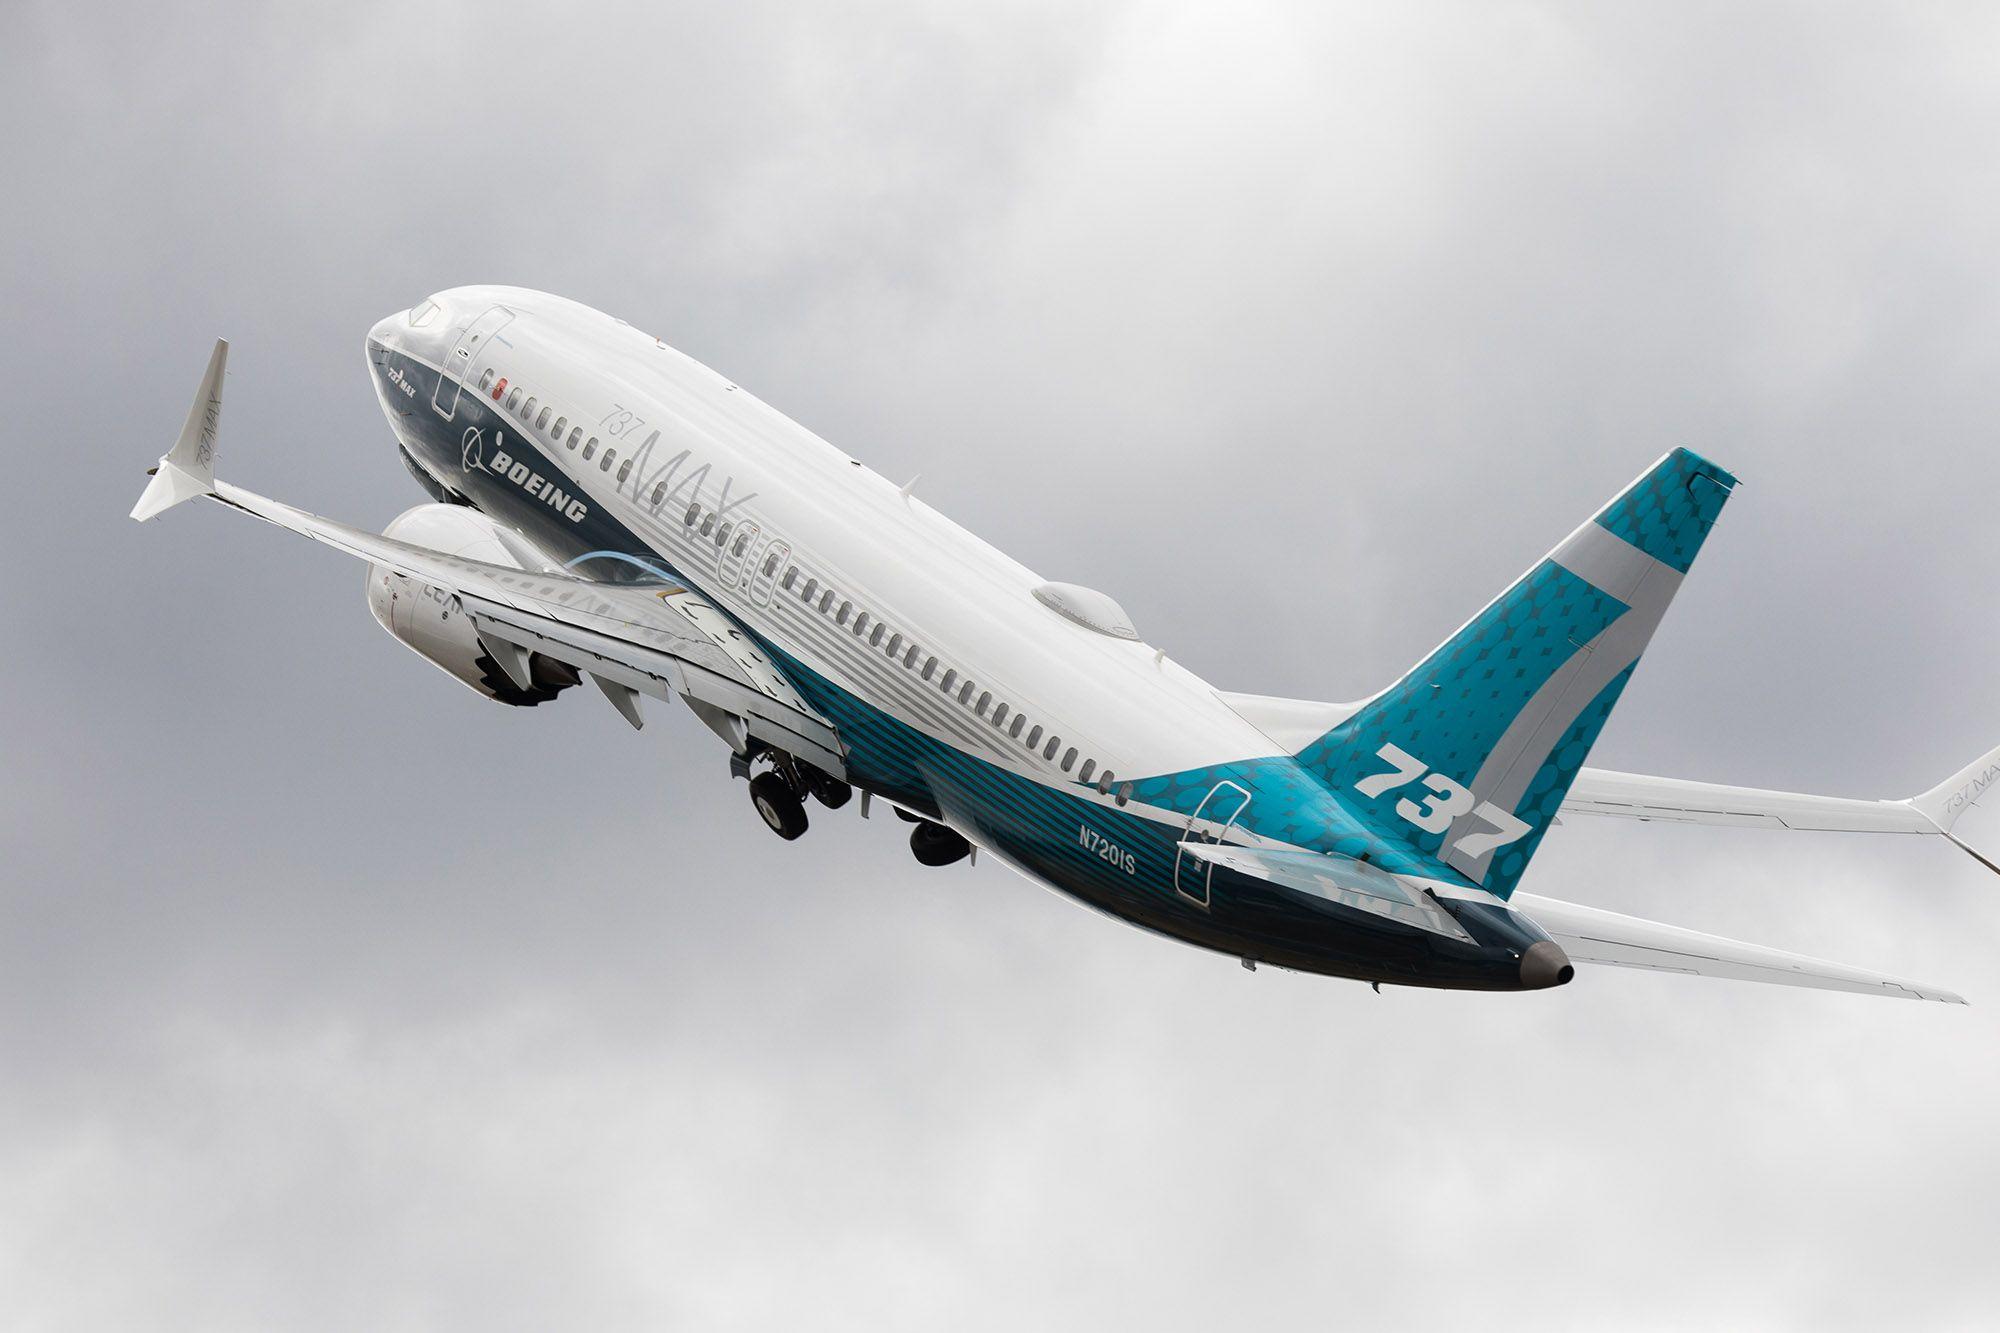 Boeing ve TUSAŞ, Motor Kapağı Üretimi İçin Sözleşme İmzaladı